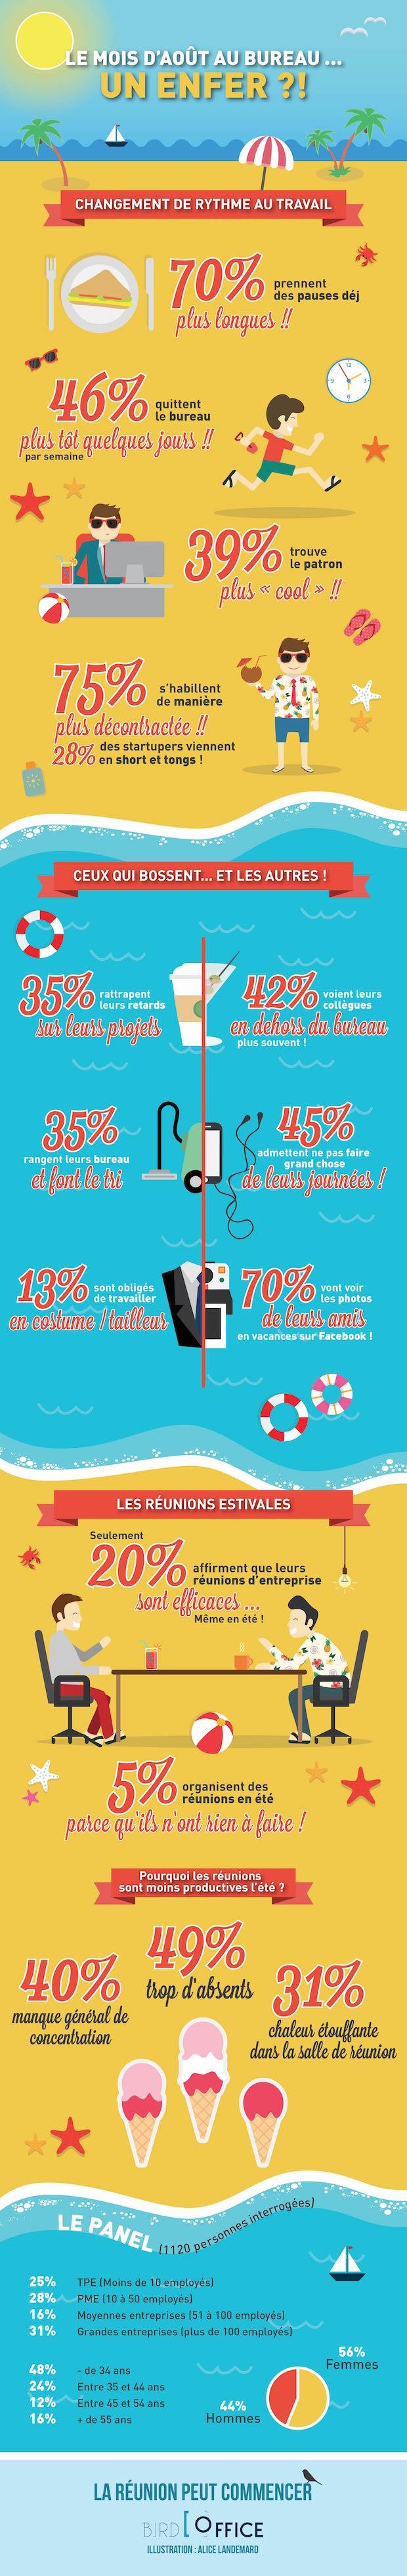 infographie-vacances-JUILLET2015